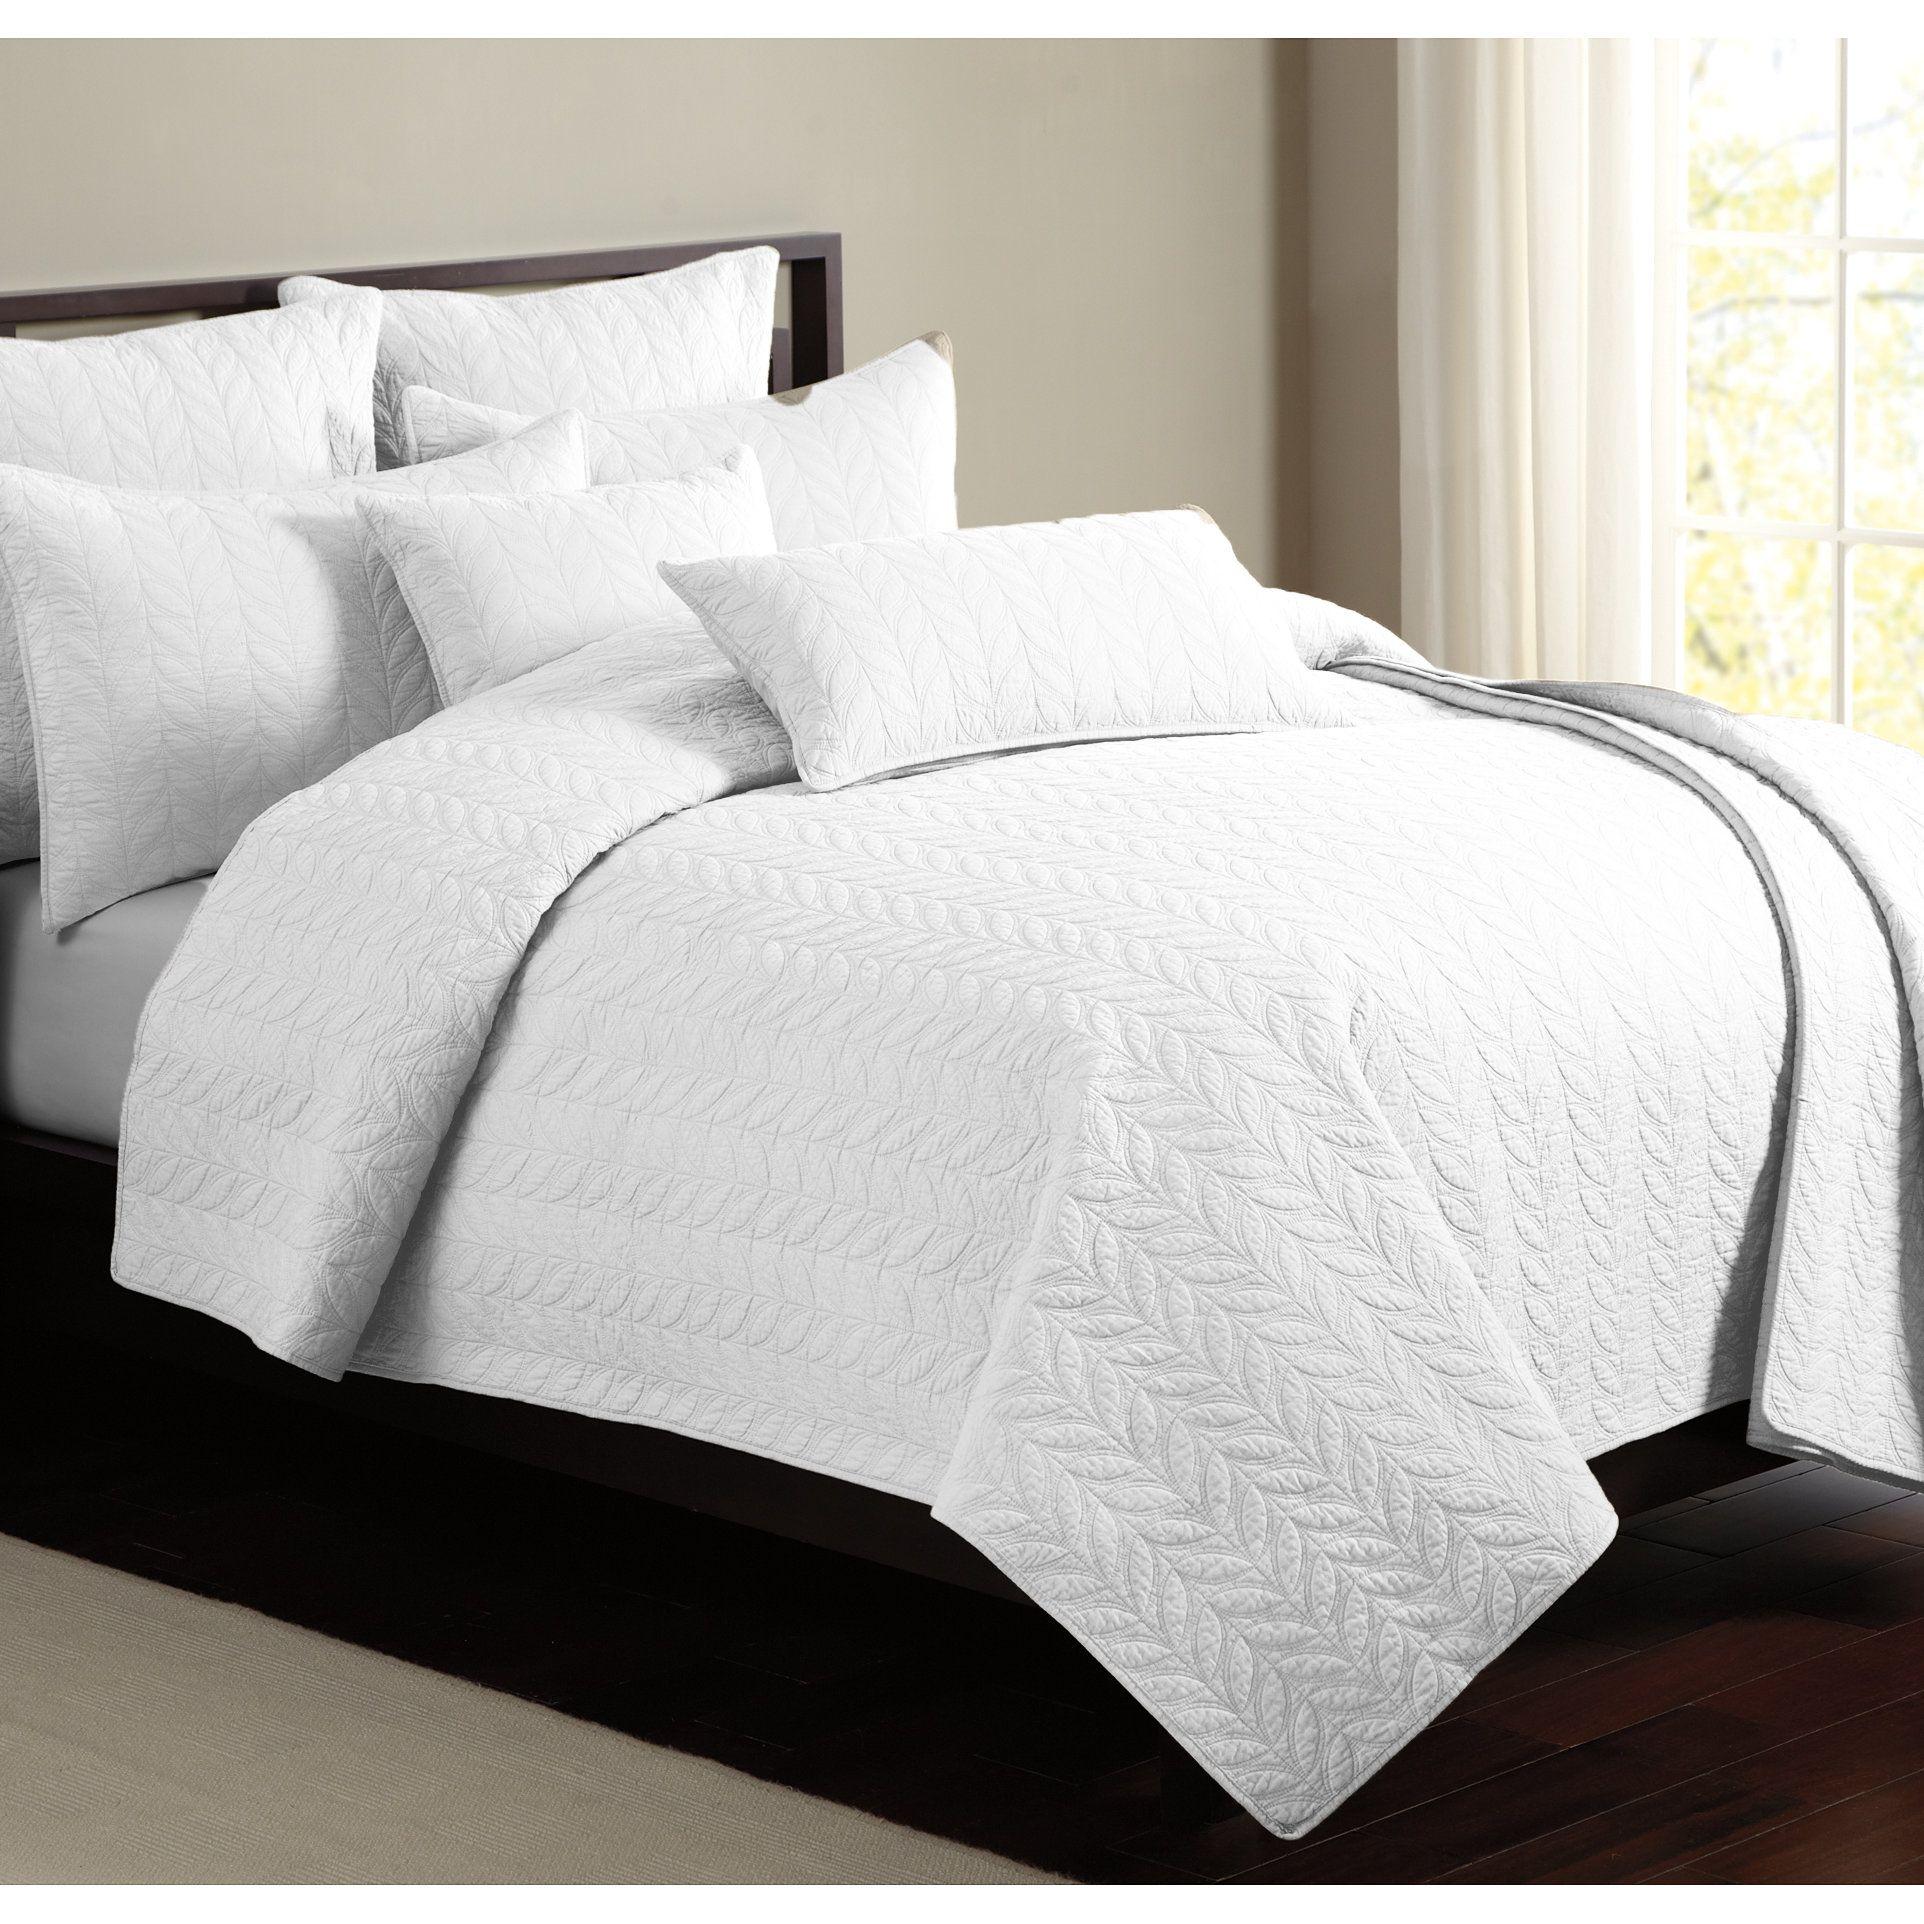 Caitlin 100% Cotton Quilt Set